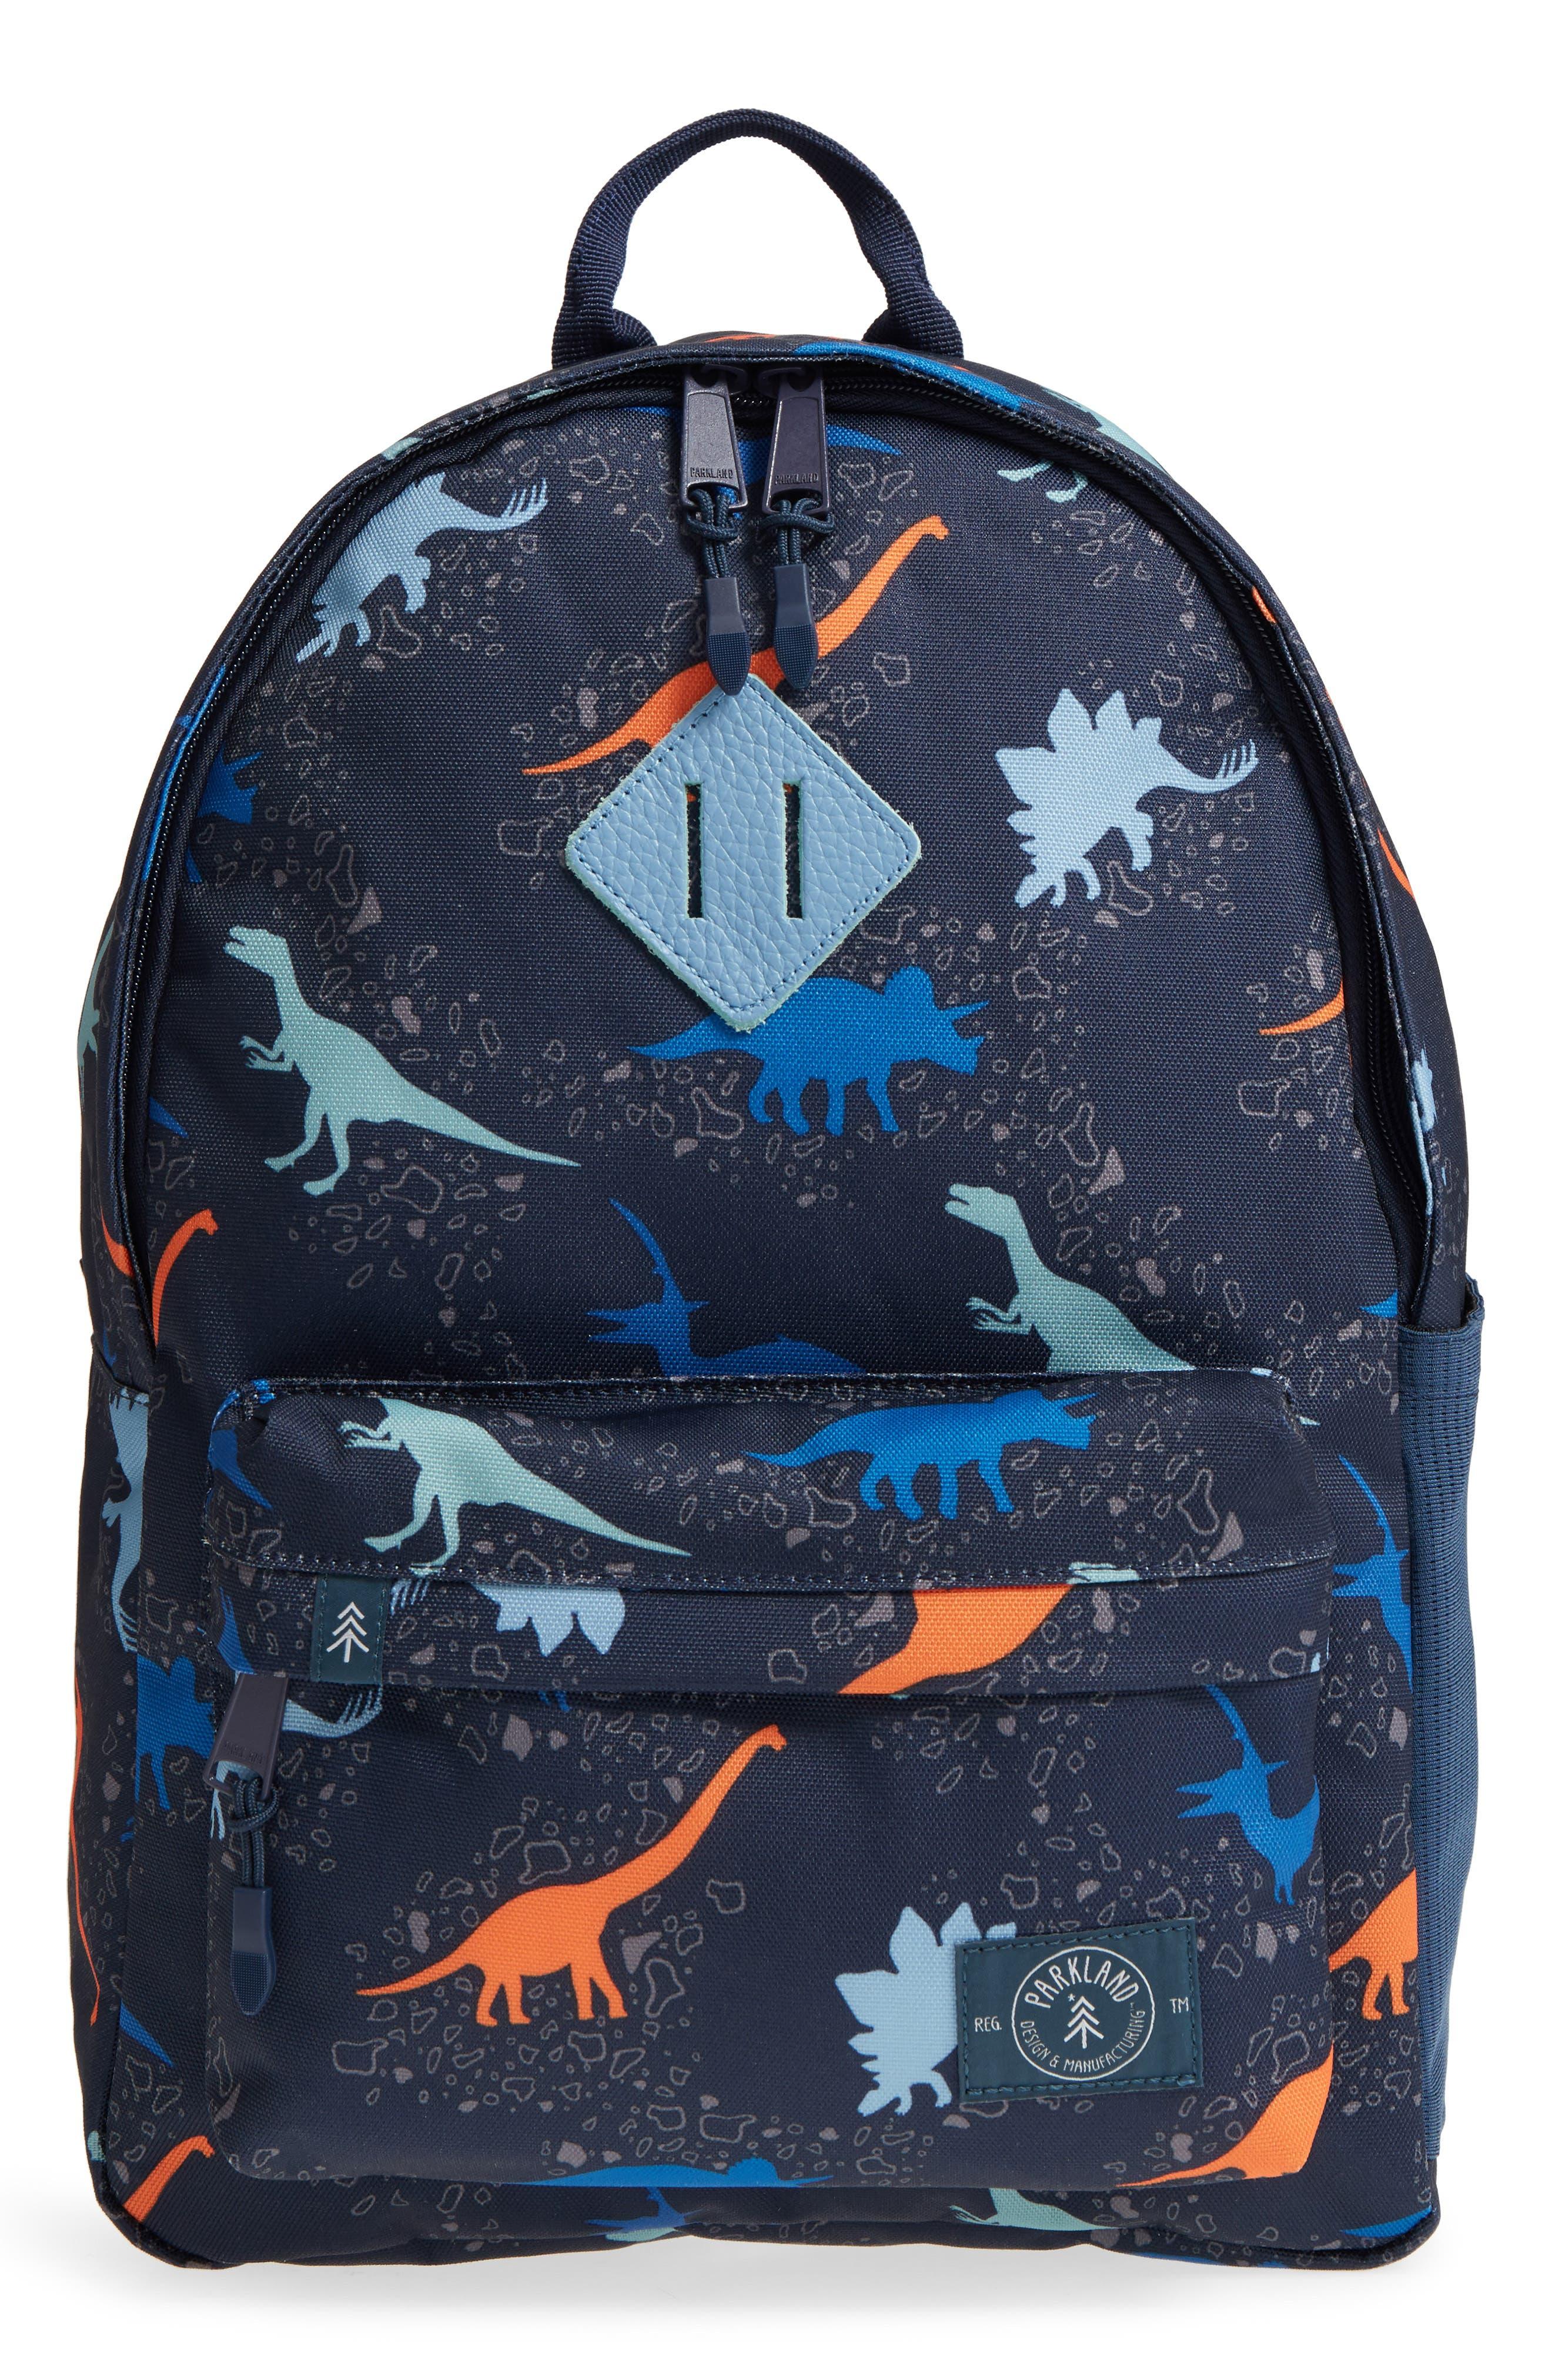 Bayside Print Backpack,                             Main thumbnail 1, color,